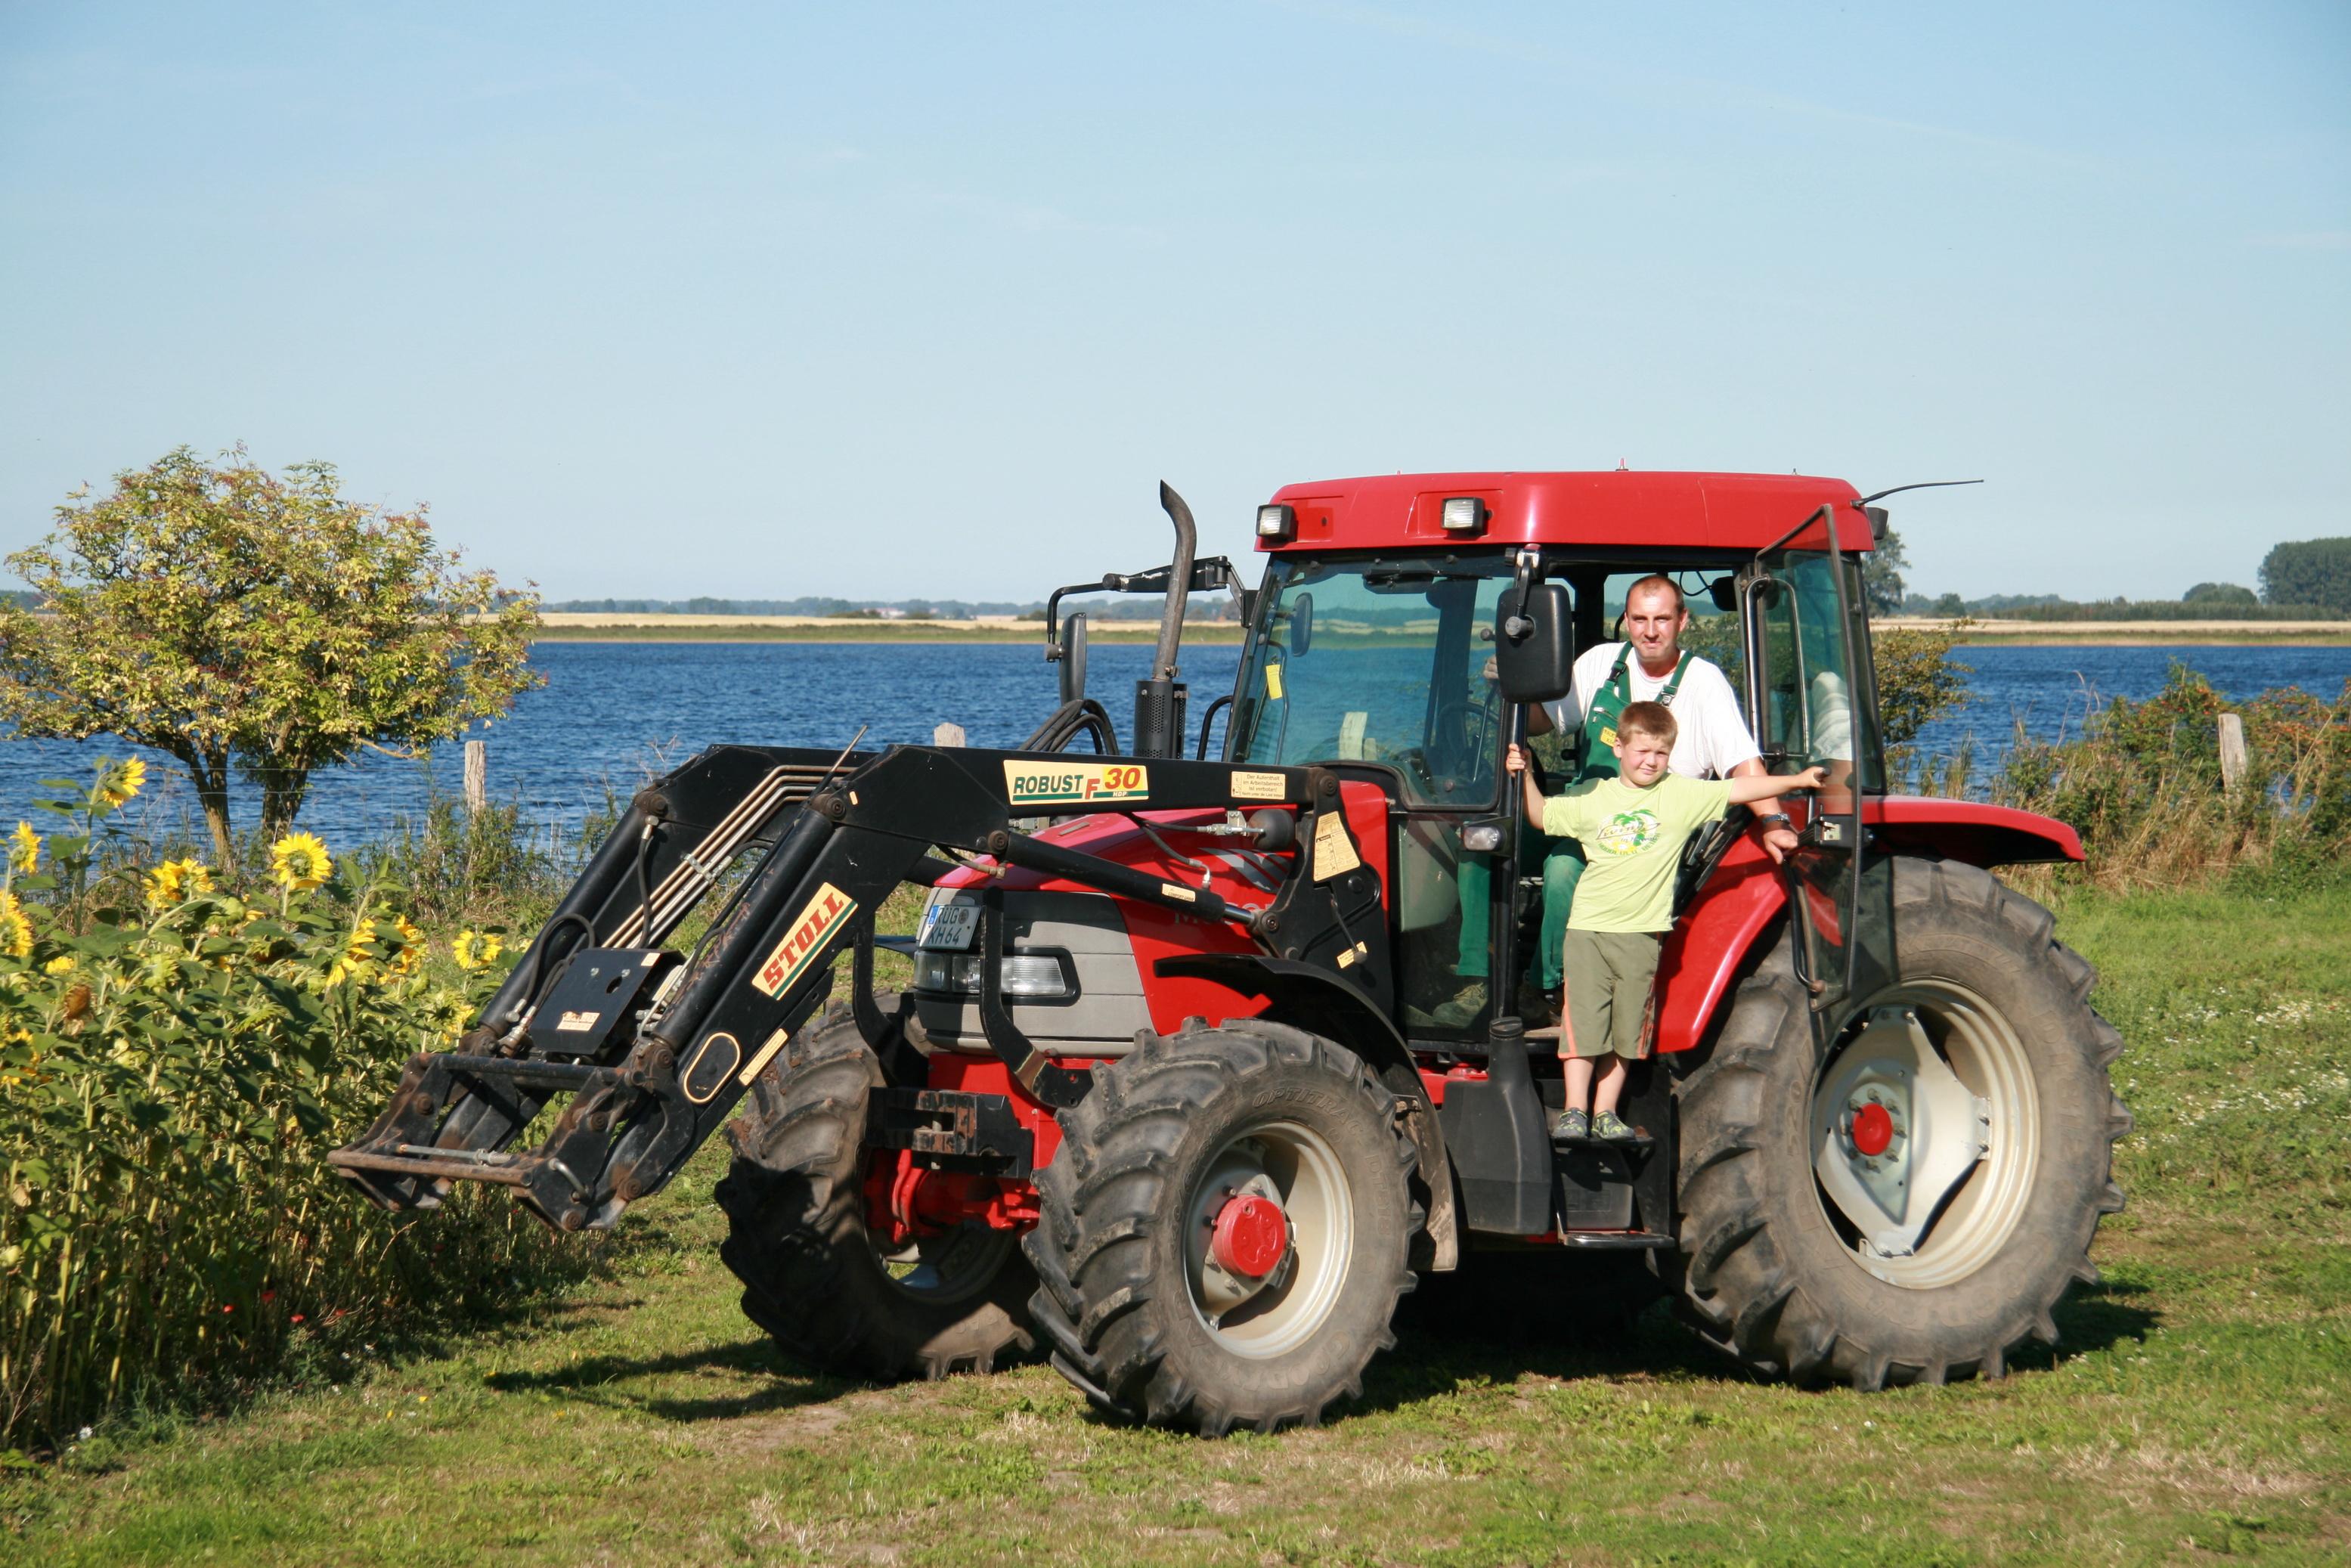 Traktormitfahren erlaubt auf dem Erlebnis-Bauernhof Kliewe